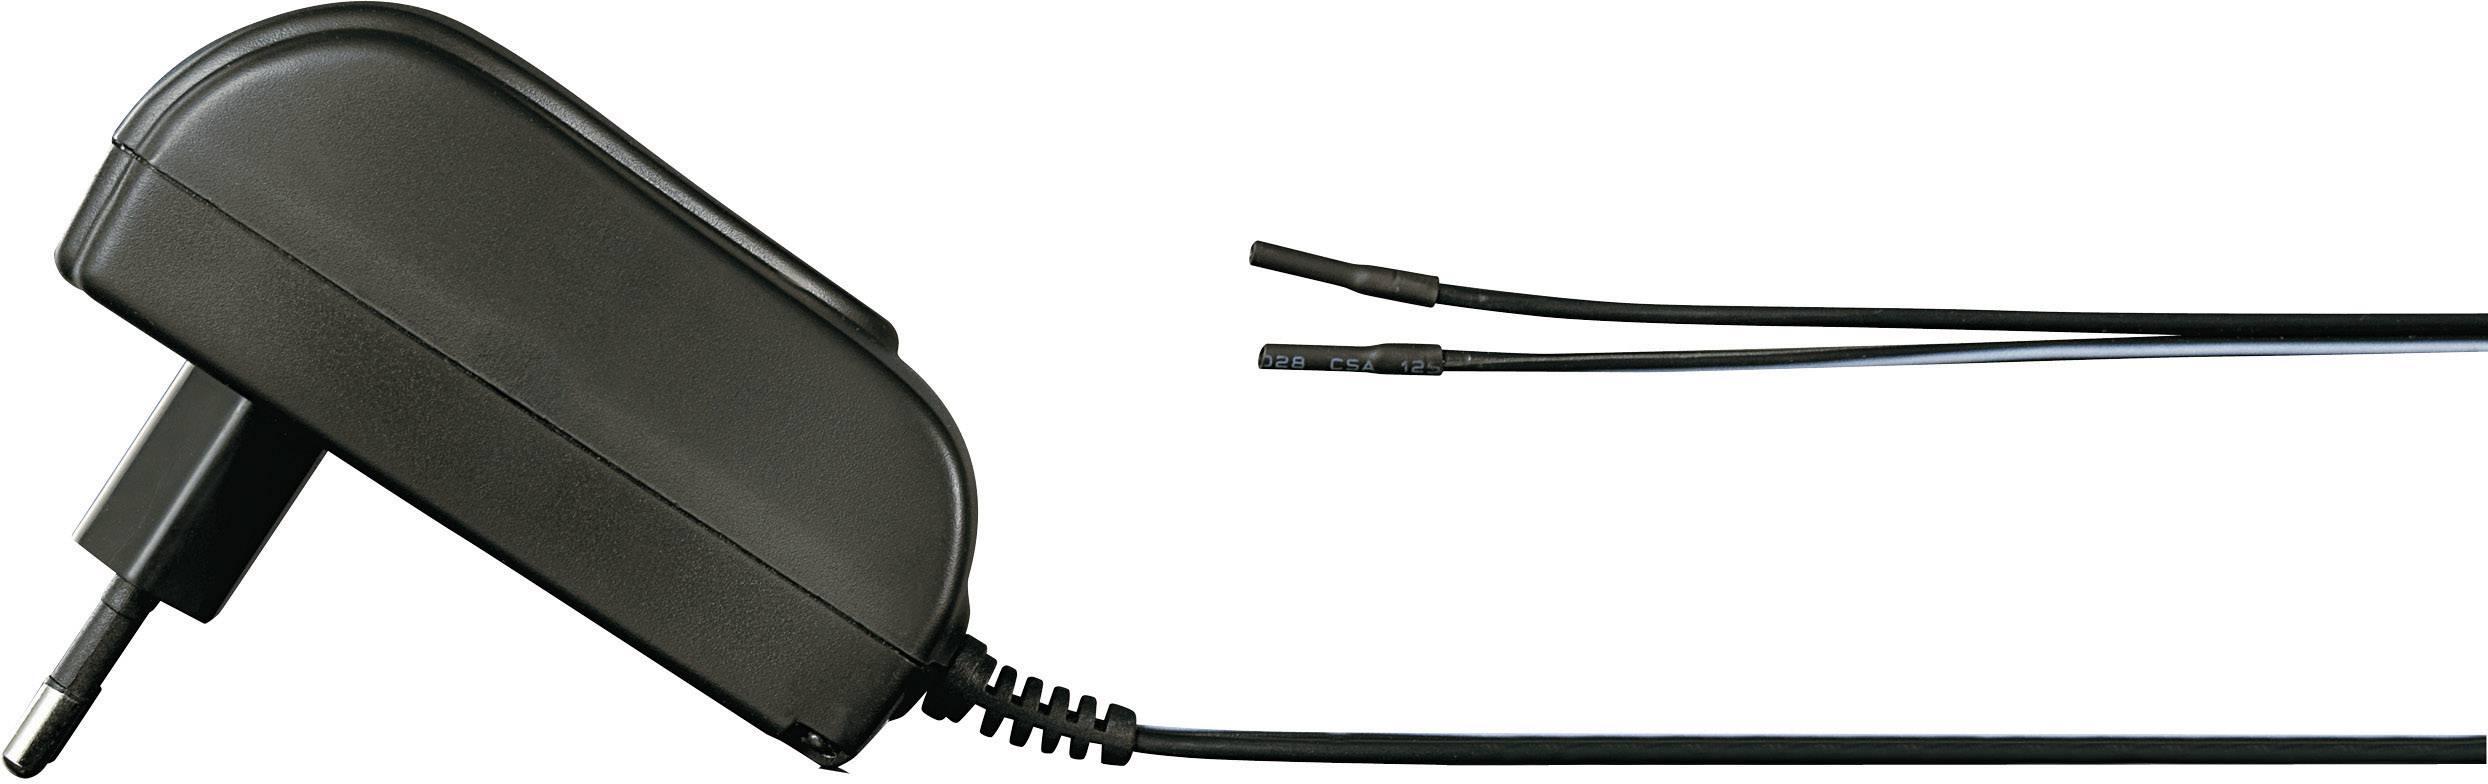 Zásuvkový adaptér so stálym napätím VOLTCRAFT SNG 12/1500-OW, 18 W, 1500 mA